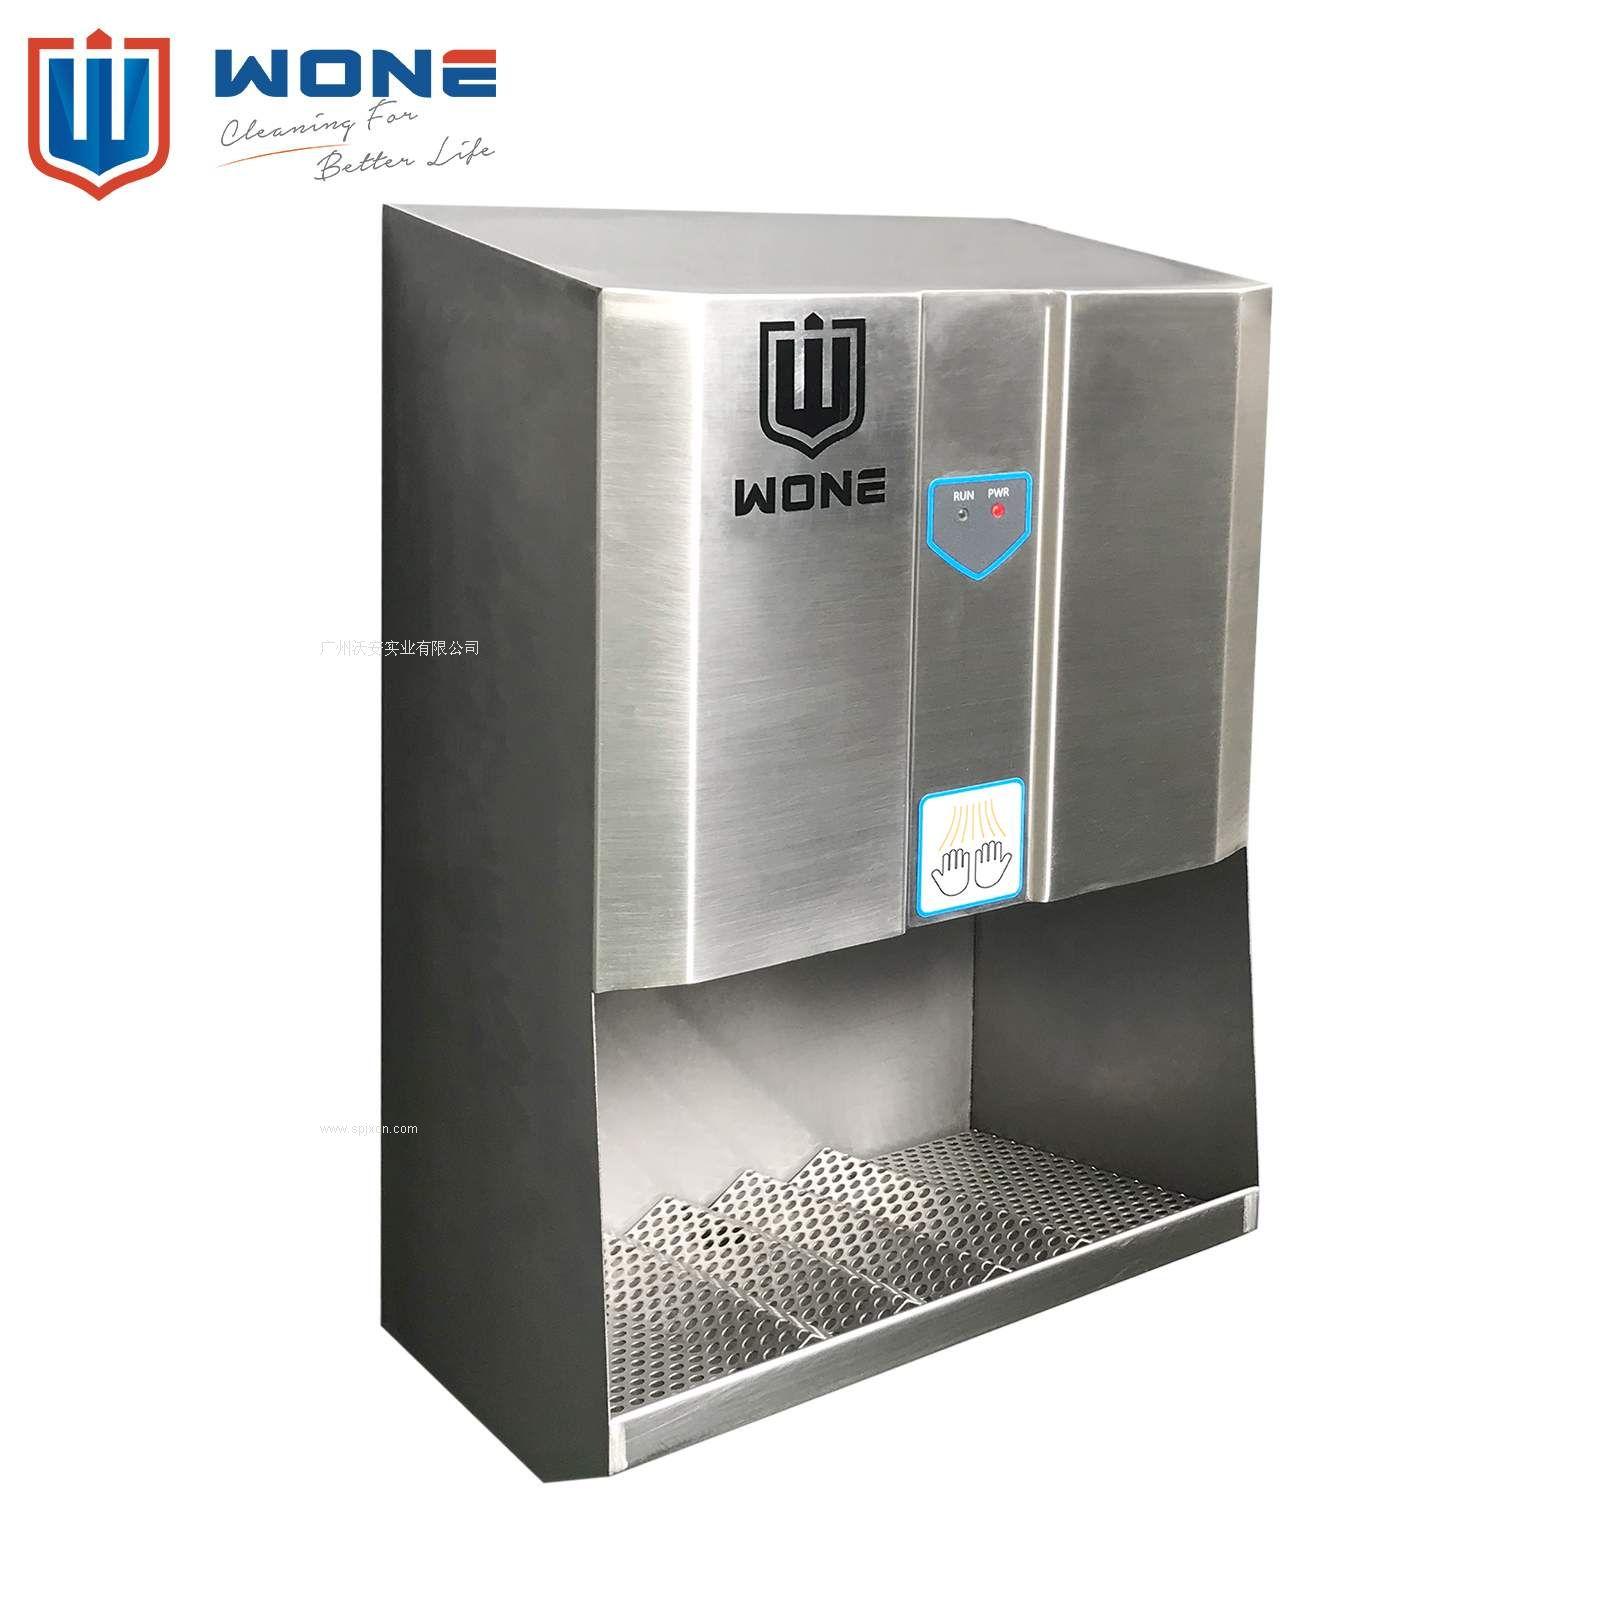 不銹鋼高速干手機 干手器 噴射式烘手機 食品廠衛生設計